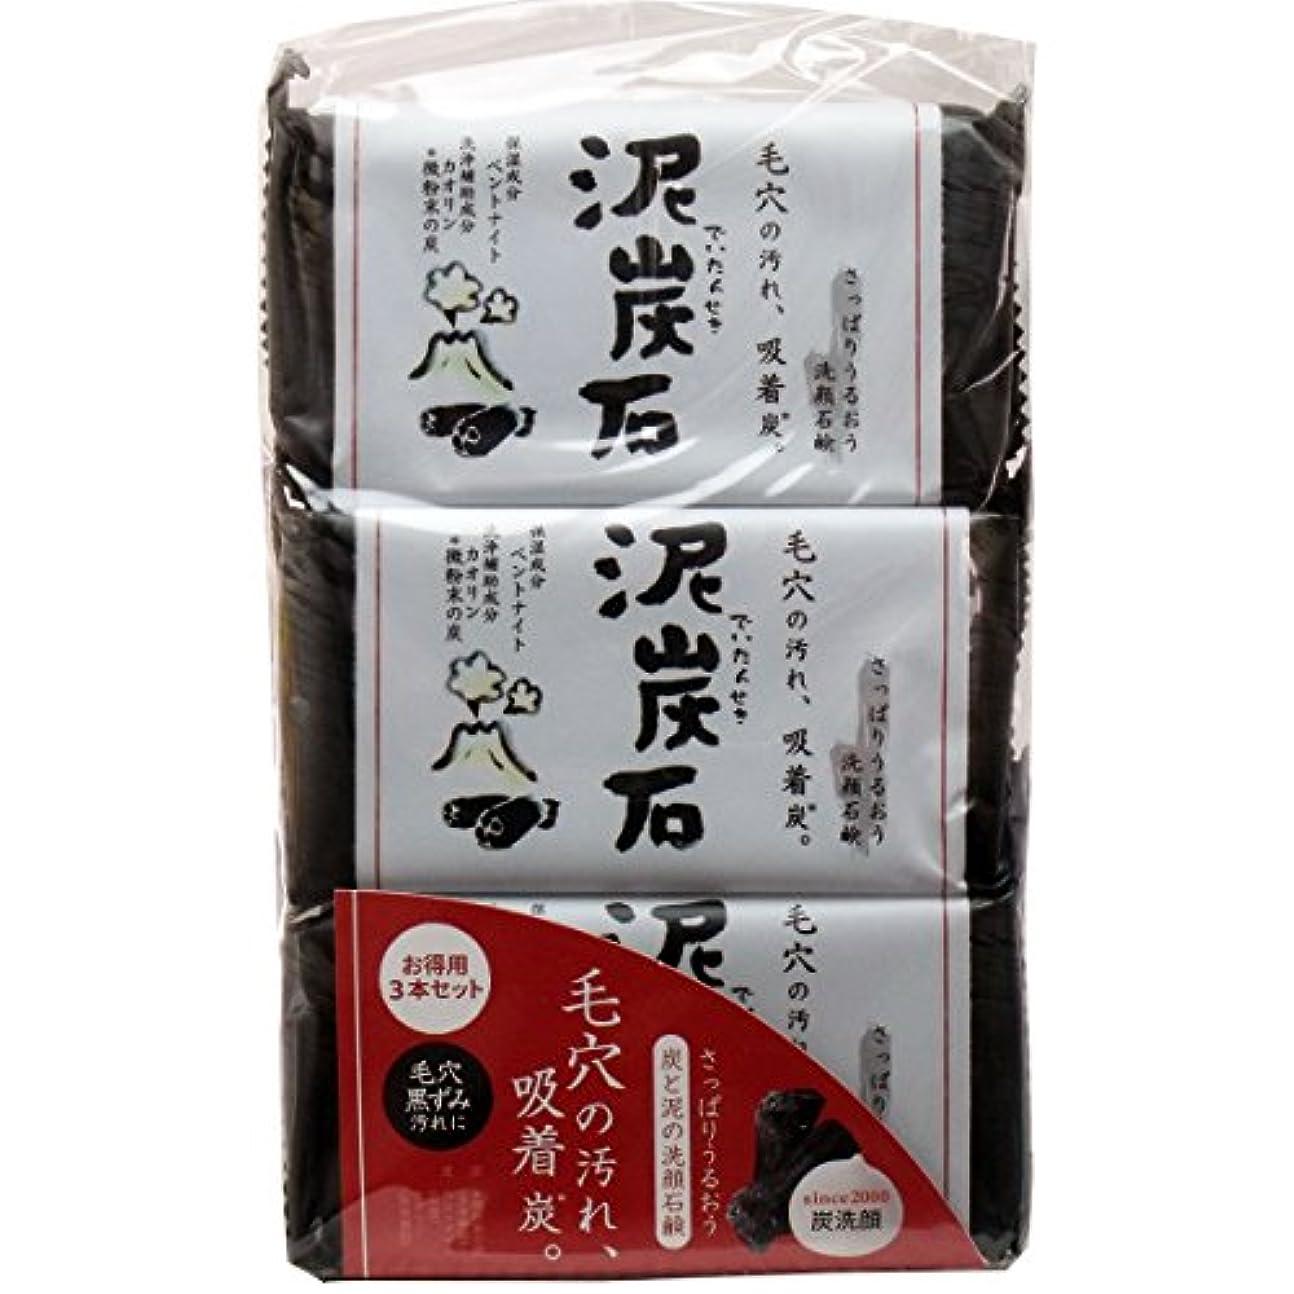 工業化するズームエキスパート【セット品】ペリカン 泥炭石 110g*3個×5セット